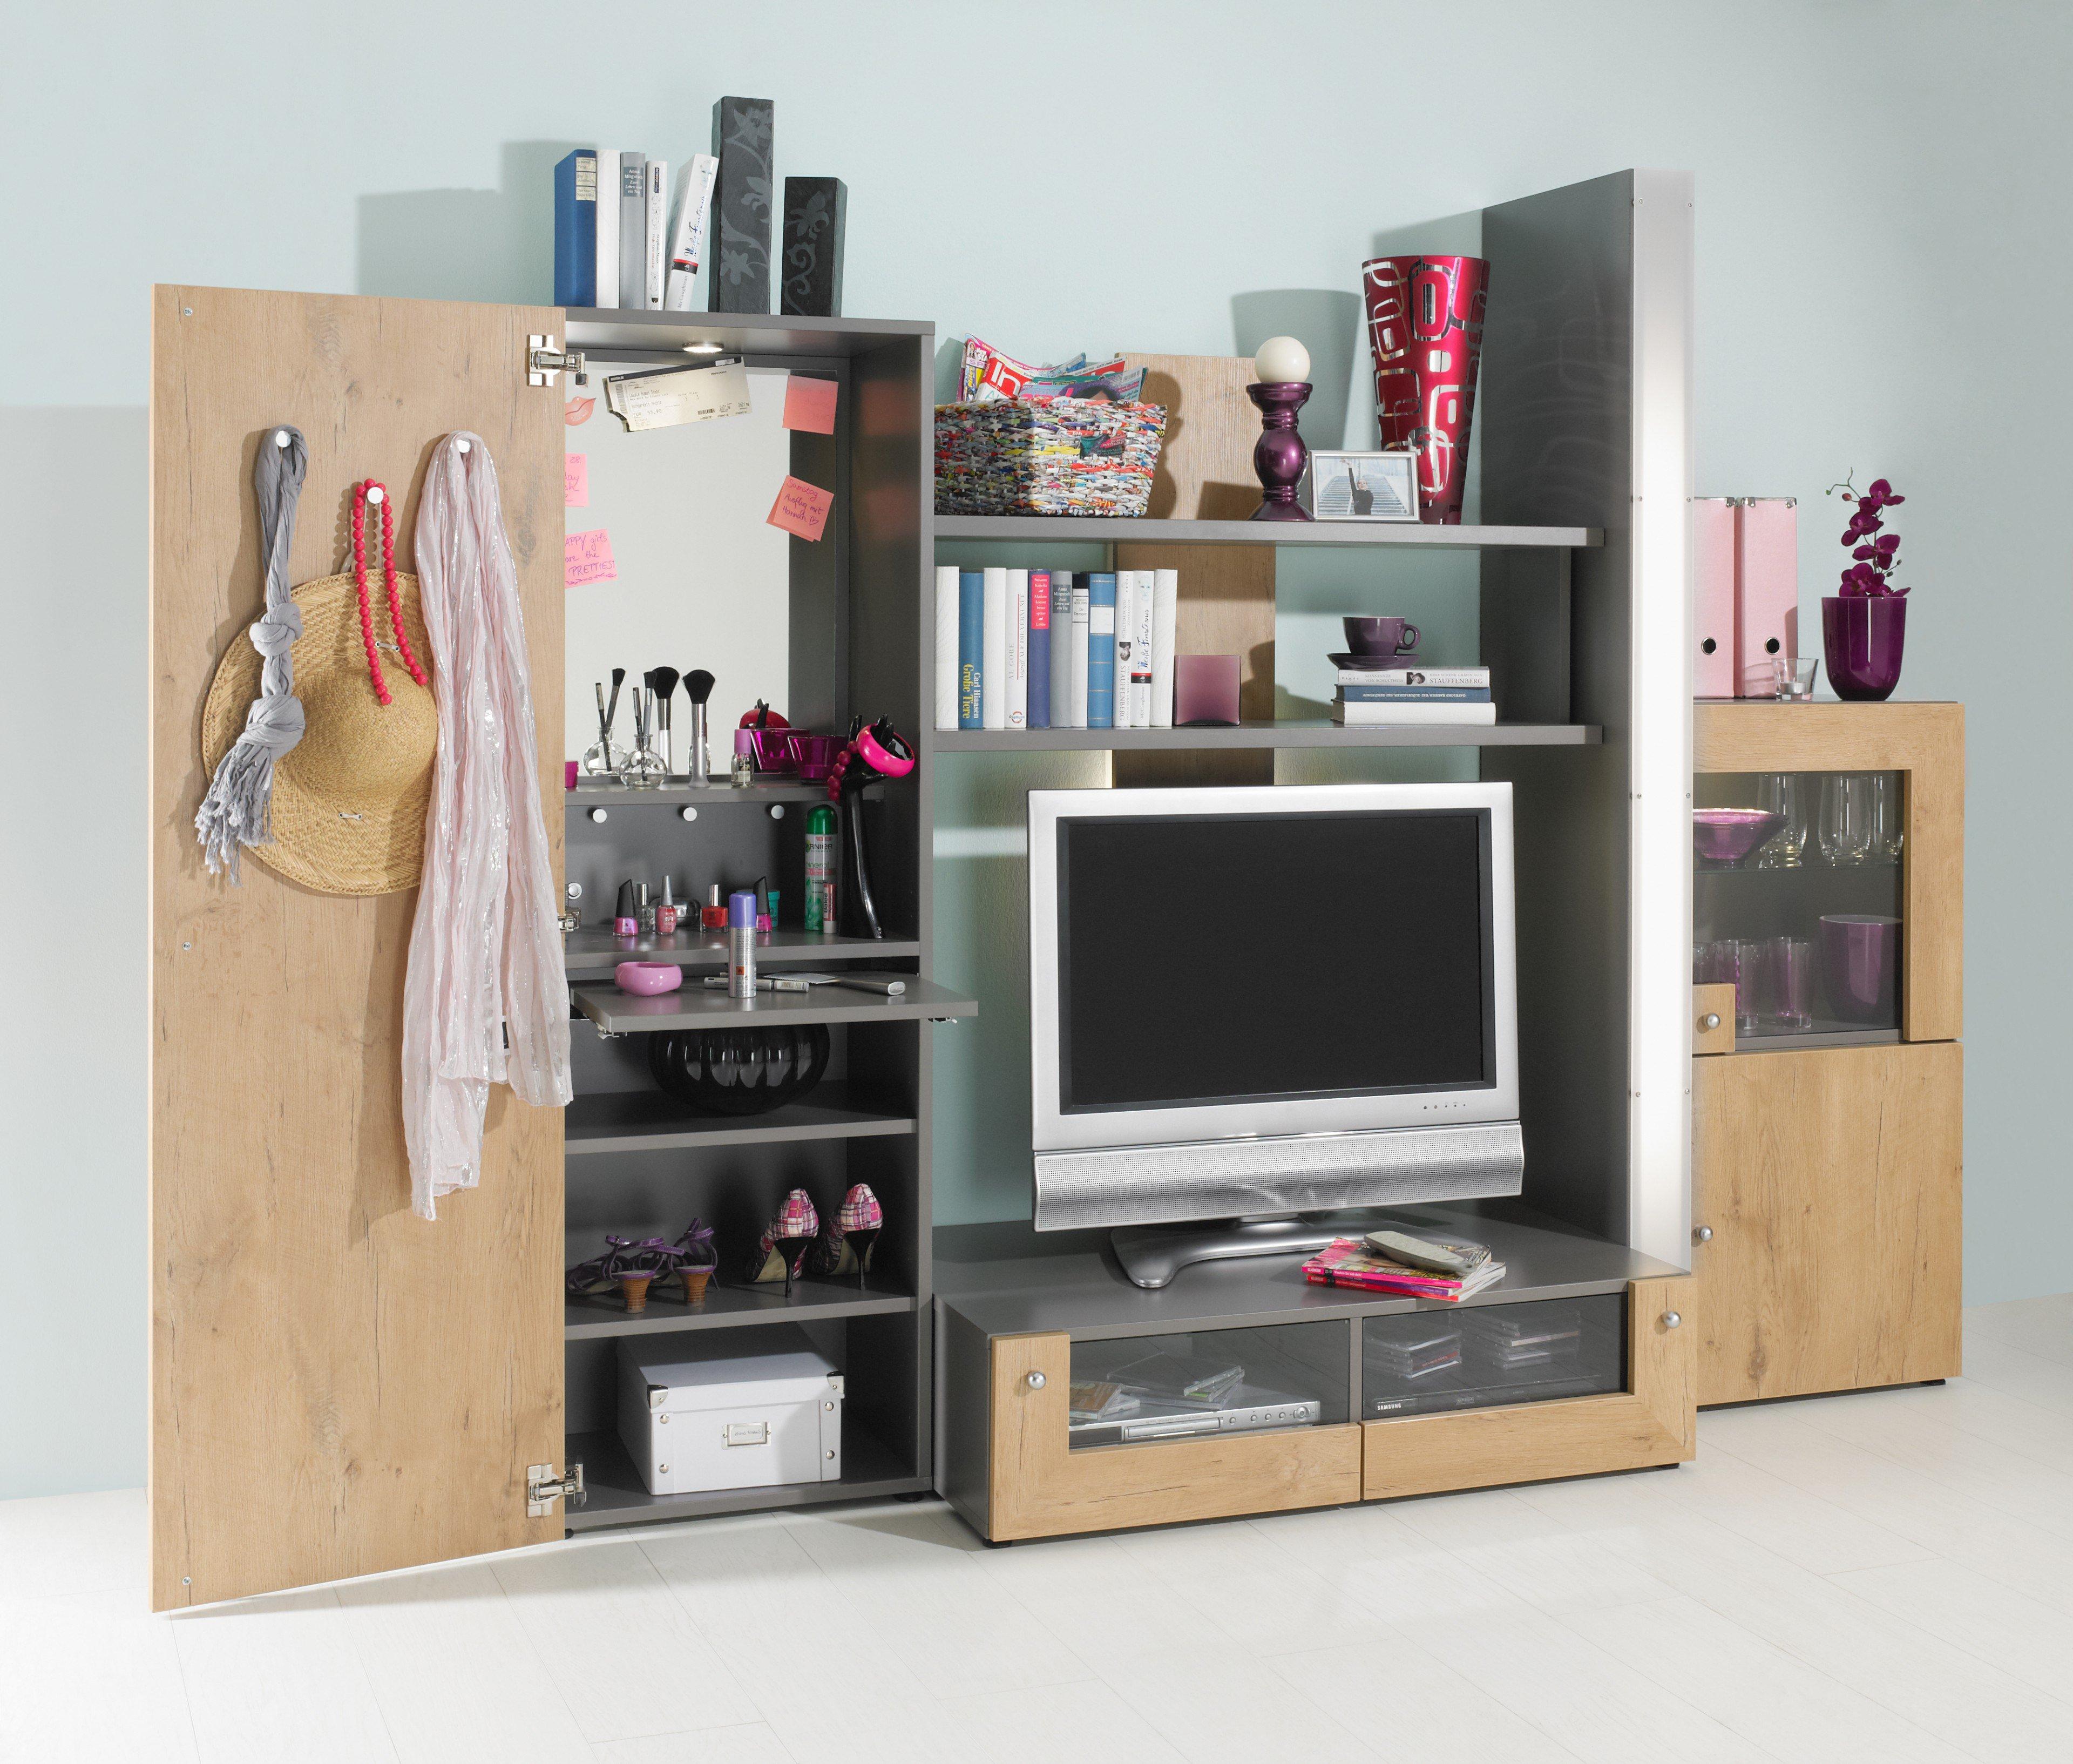 Rudolf wohnwand fiftytwo grau wildeiche m bel letz ihr online shop - Jugendzimmer wohnwand ...